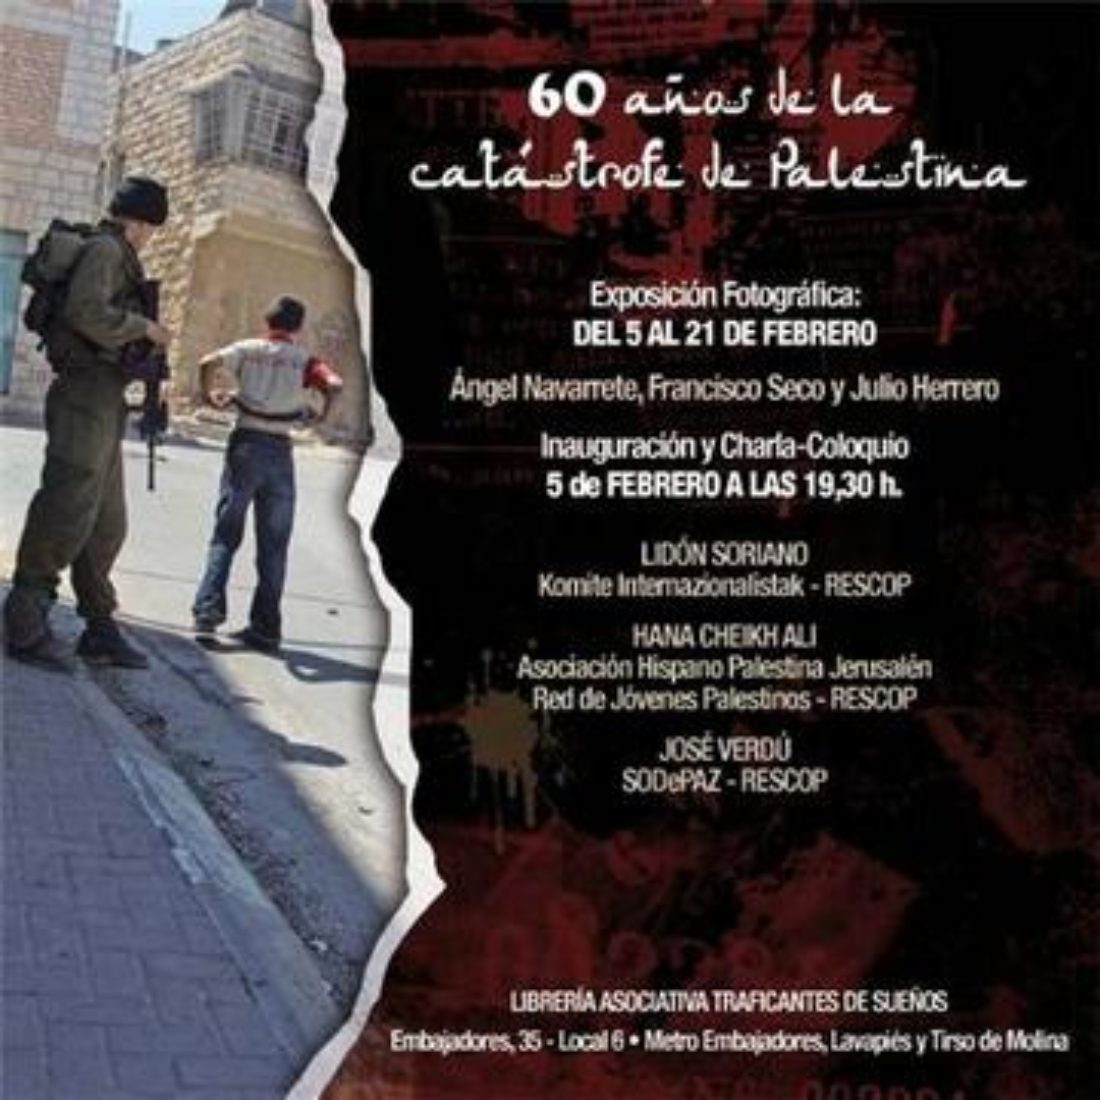 Madrid: «60 años de la catástrofe de Palestina». Exposición y coloquio